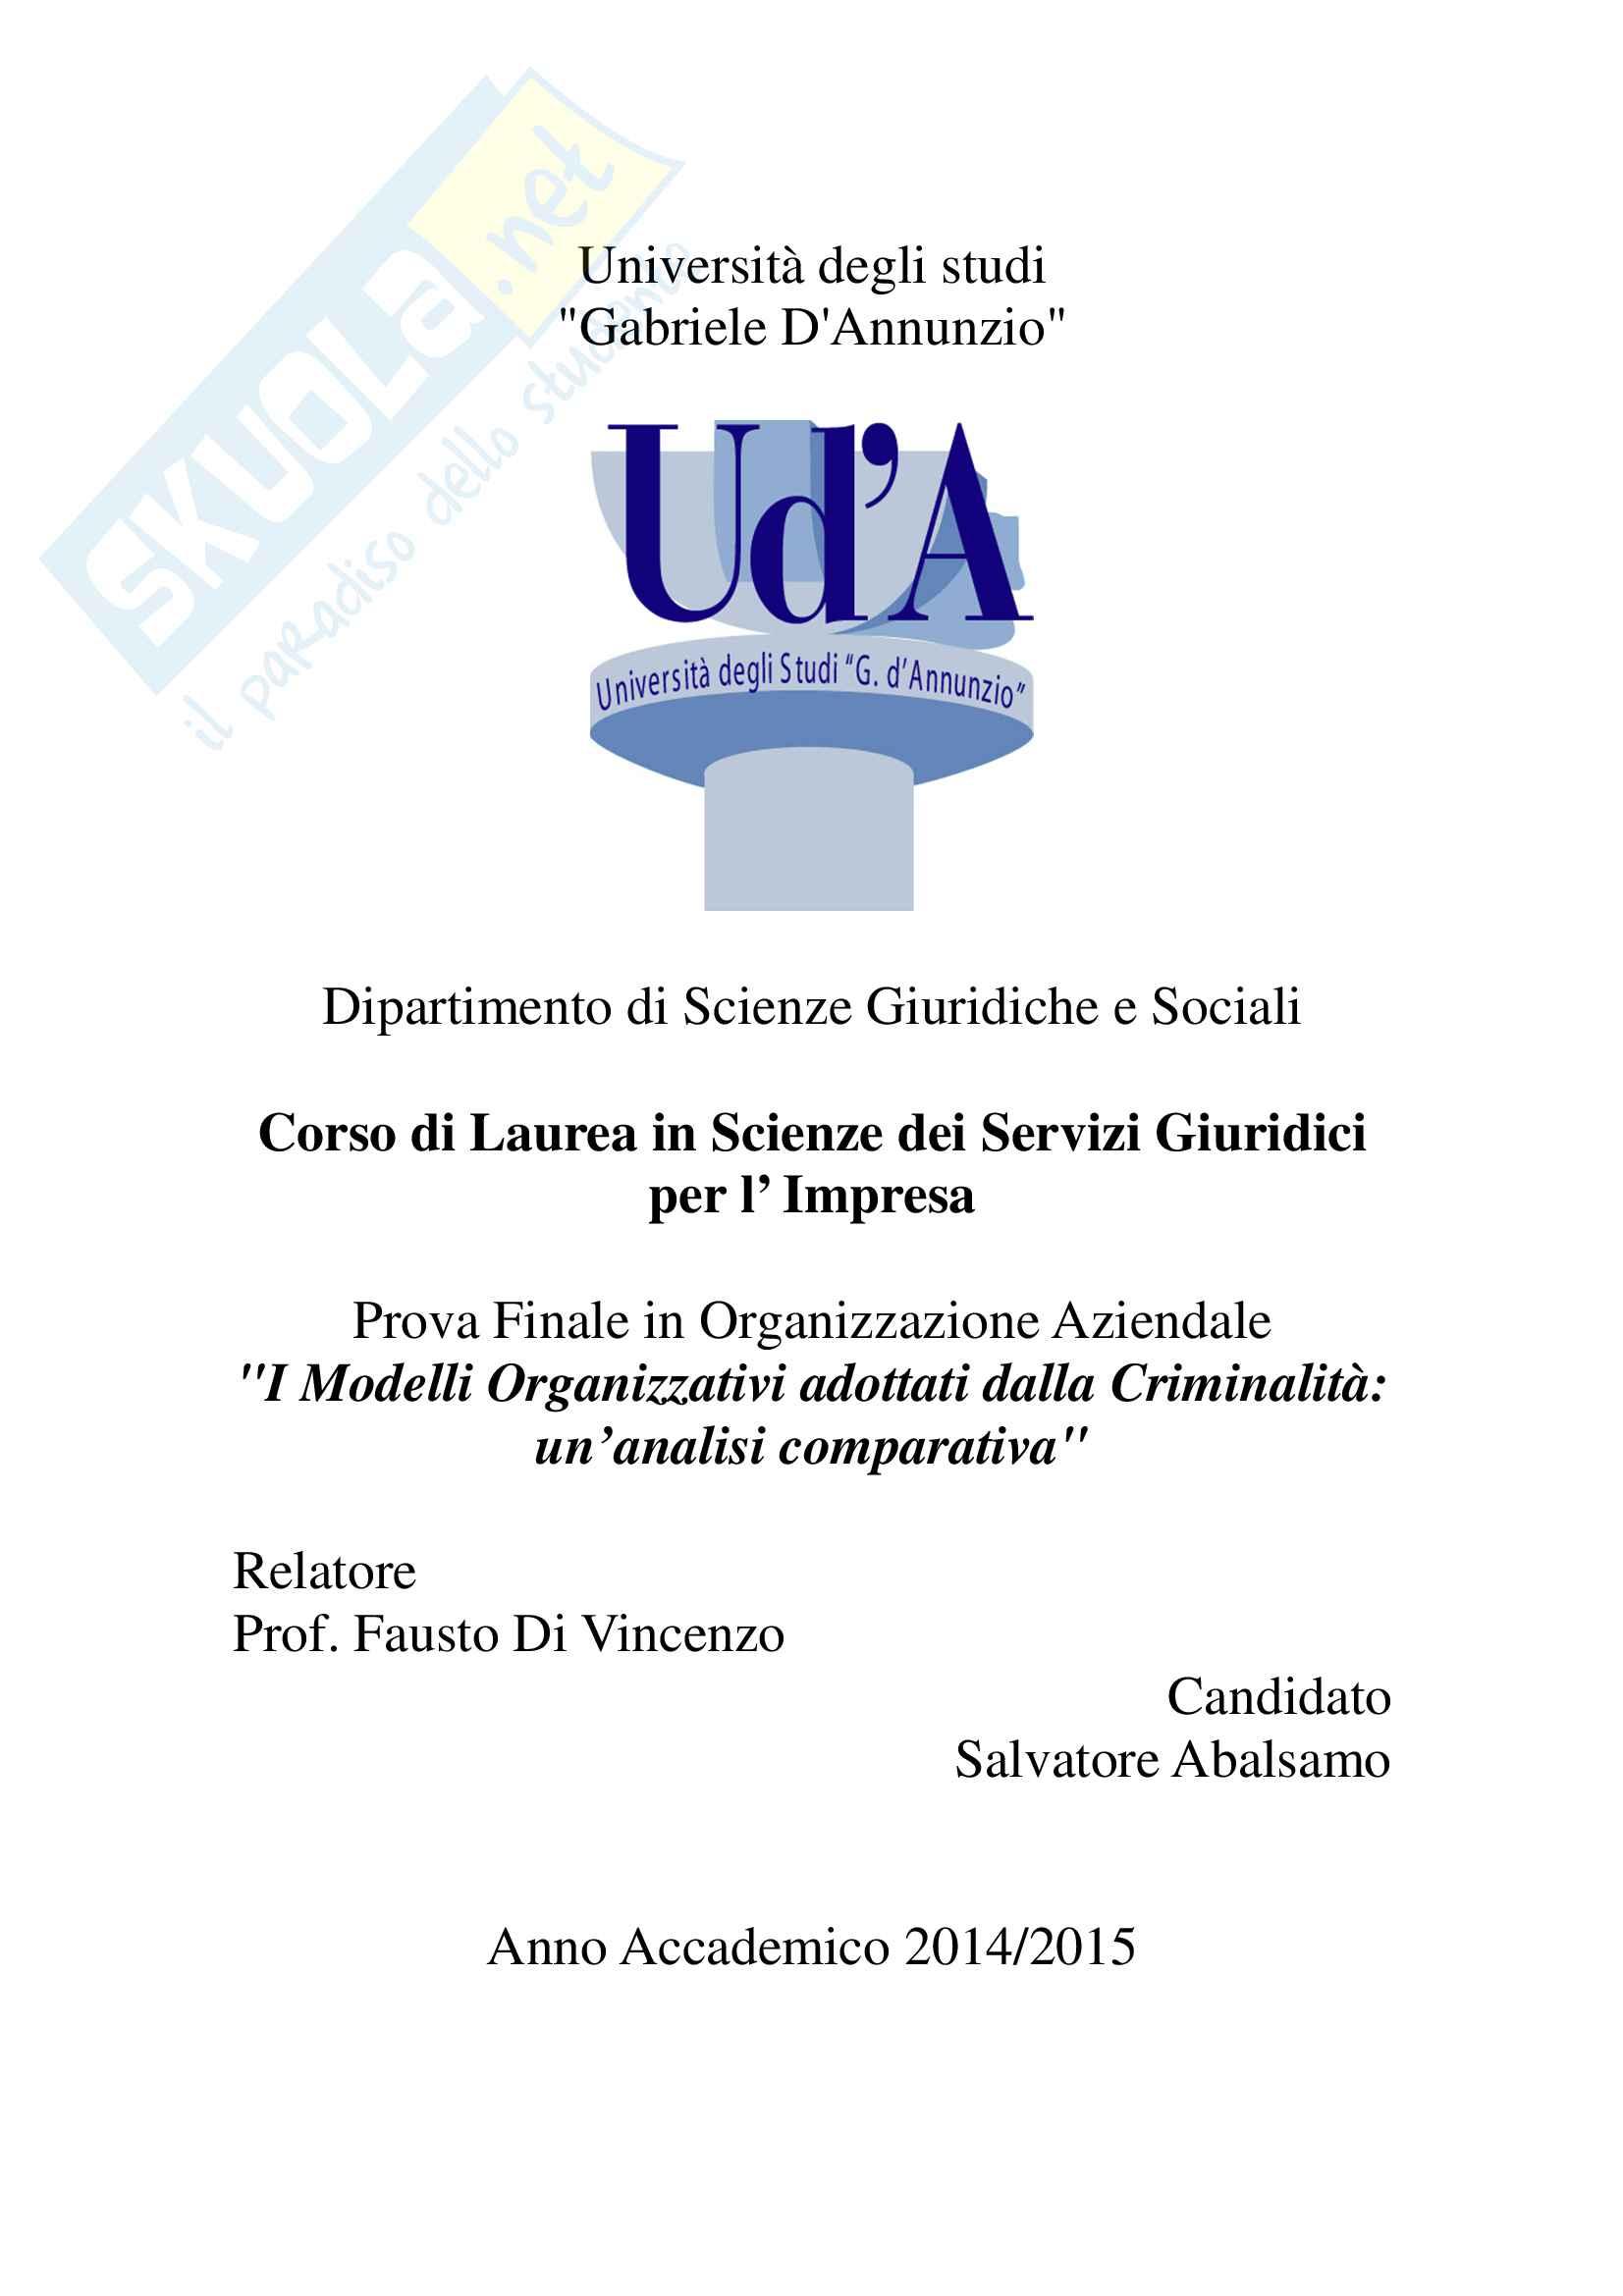 Tesi integrale Laurea Salvatore Abalsamo Luglio 2015 in PDF